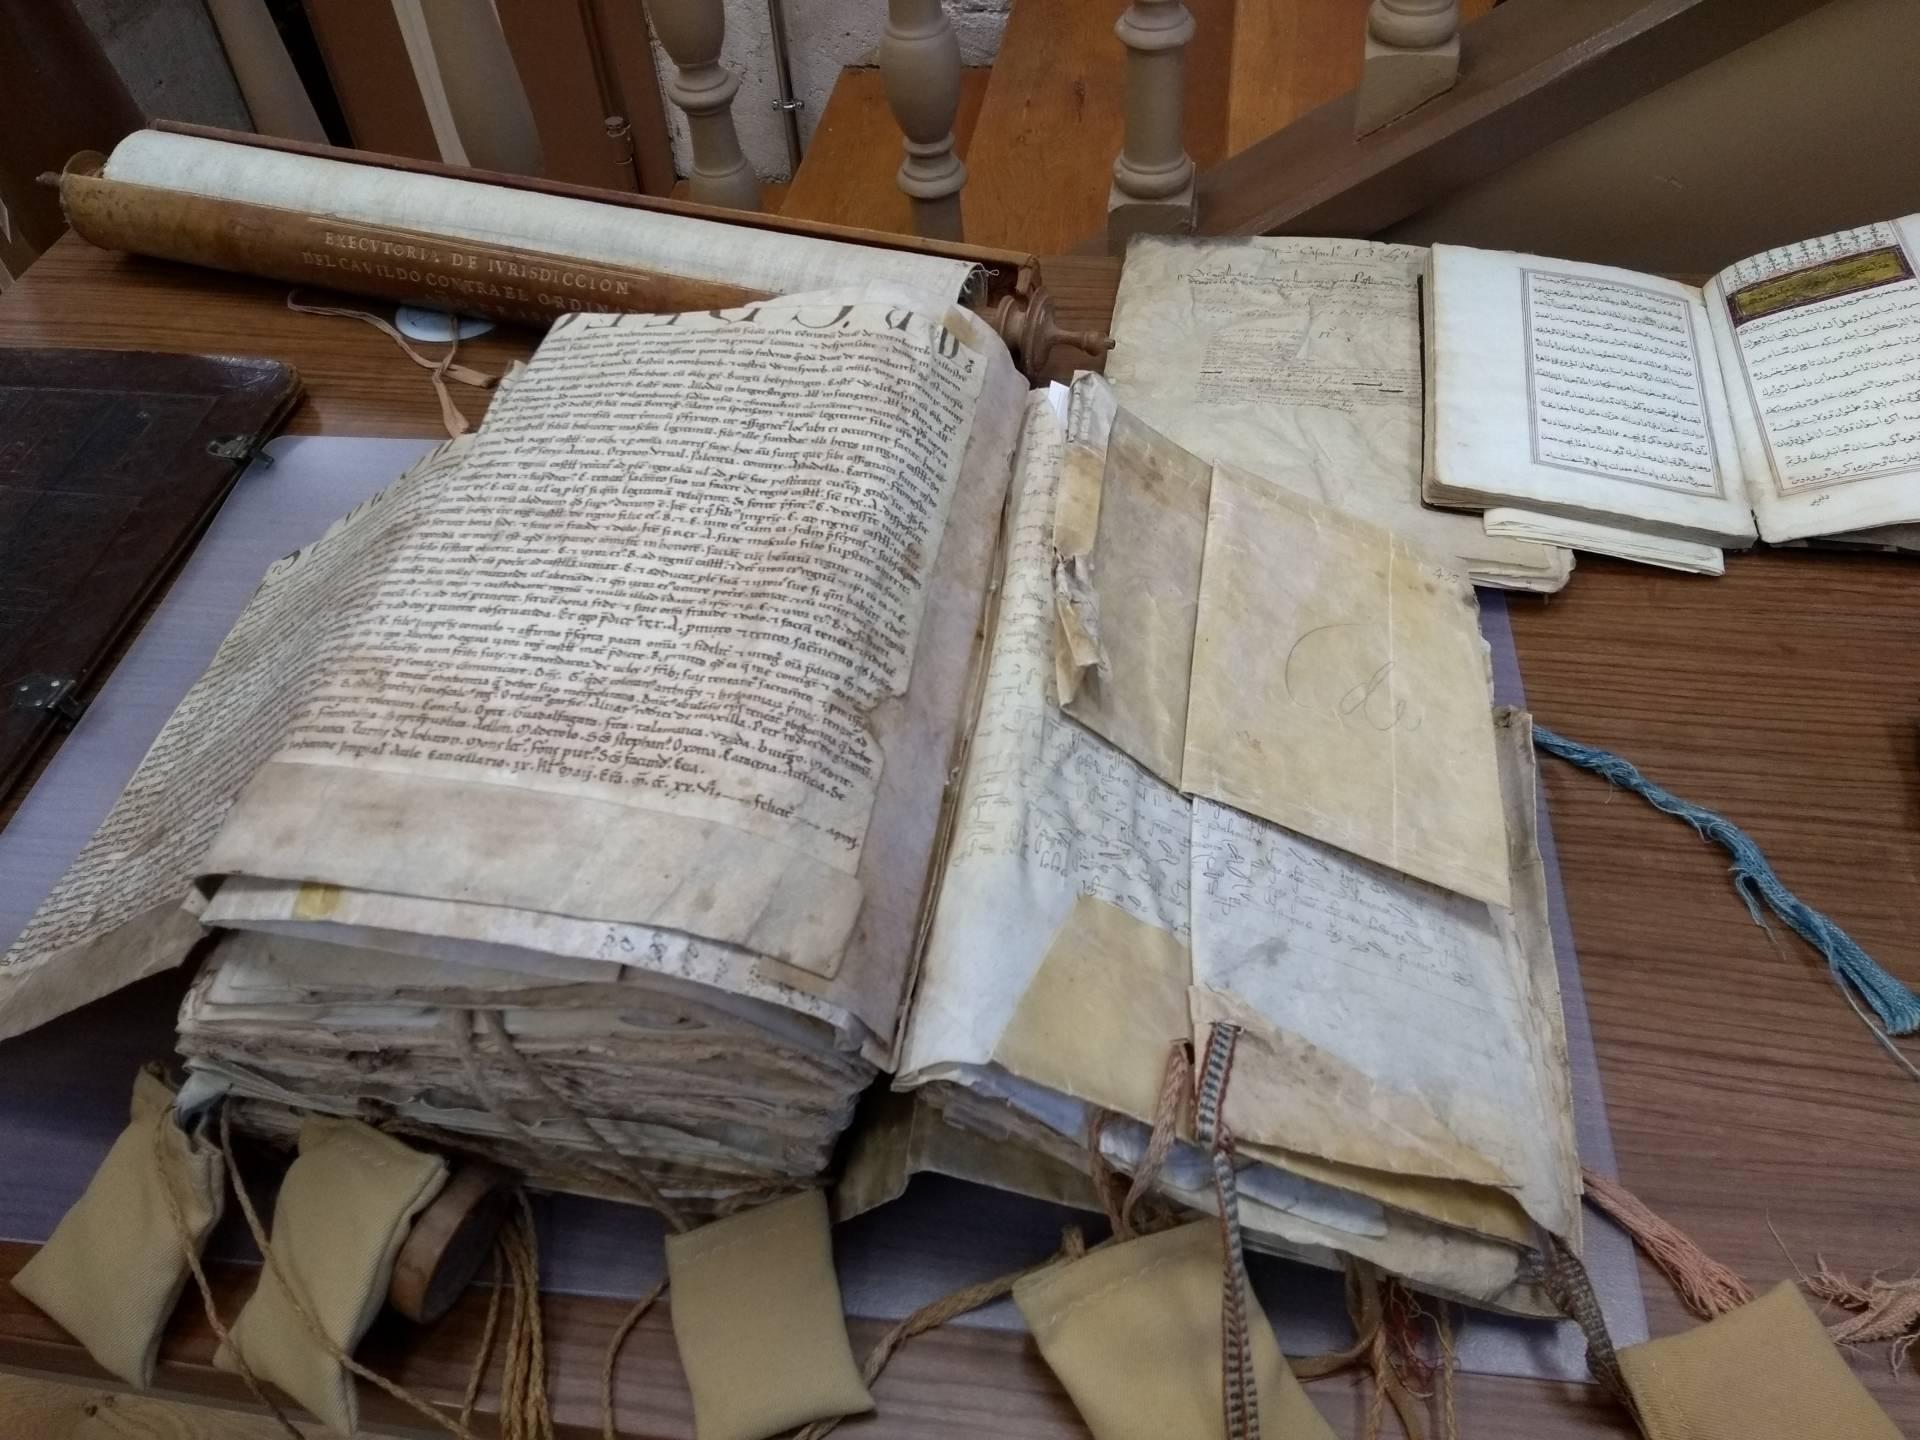 Los incendios calcinaron los documentos custodiados en el archivo diocesano.